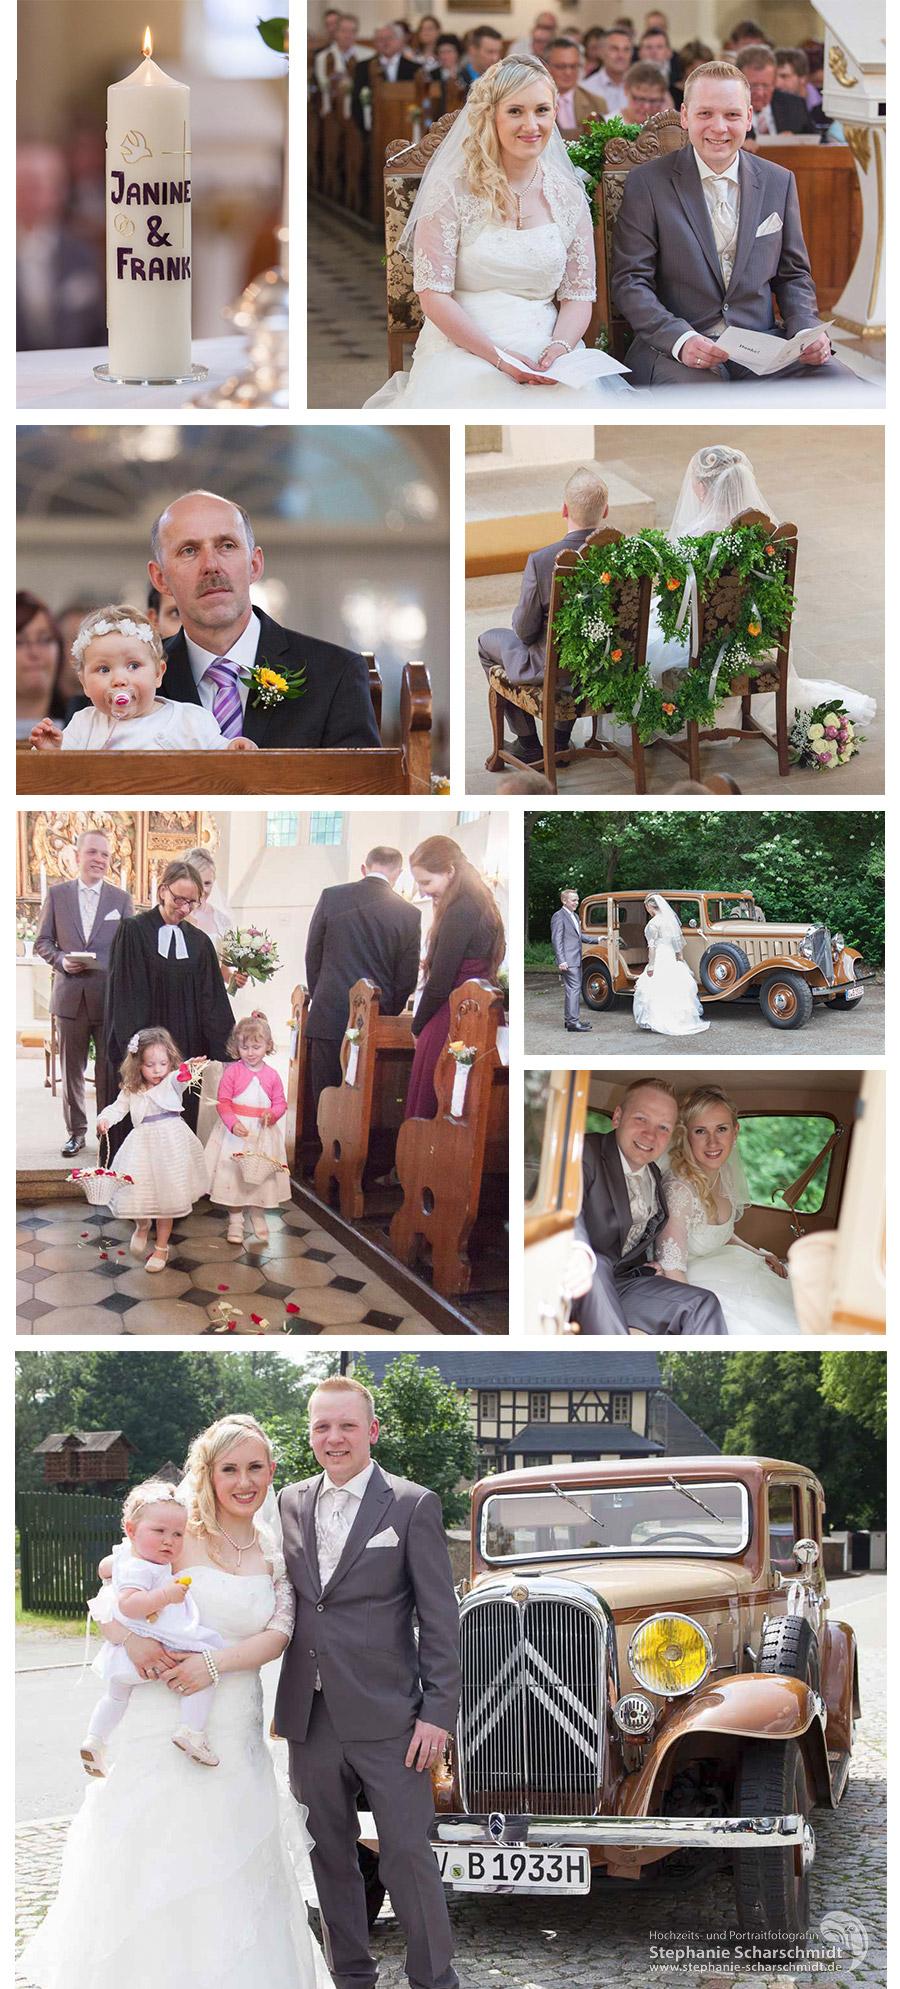 7. Hochzeits Fotografen in Sachsen - Hochzeit Janine Frank – Hochzeitsfotografin Stephanie Scharschmidt